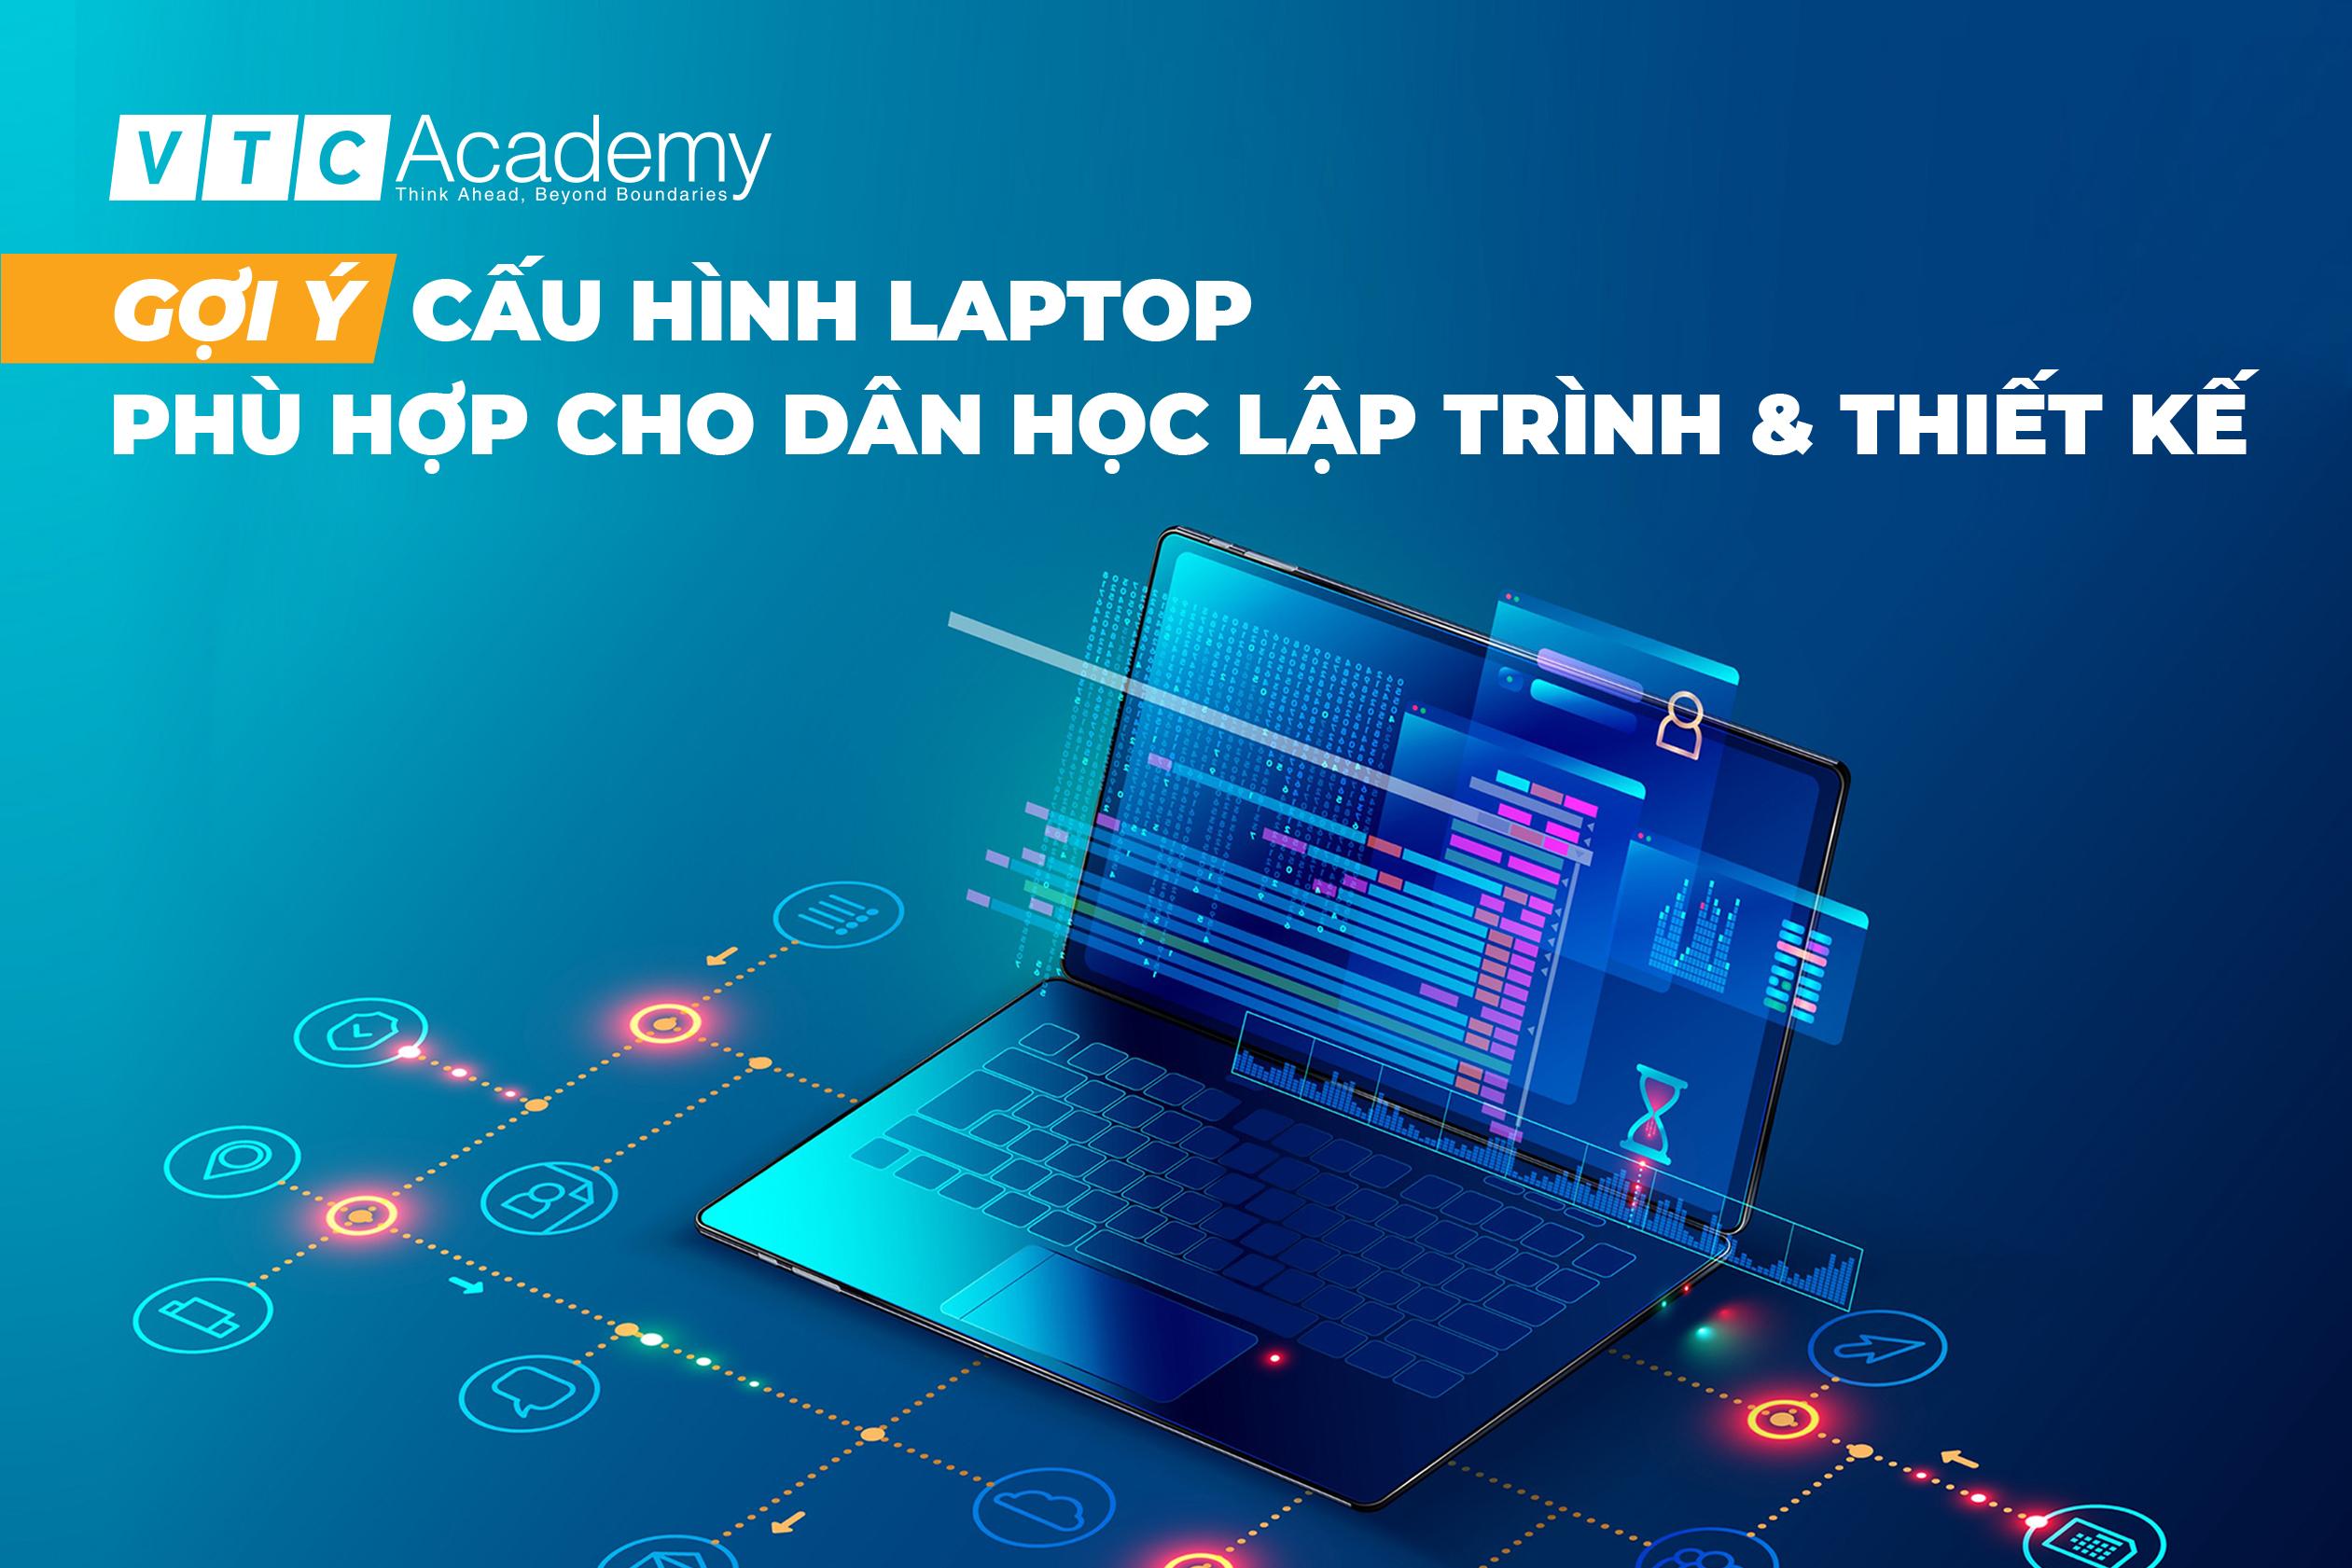 Gợi ý cấu hình laptop phù hợp cho dân học Lập trình và Thiết kế